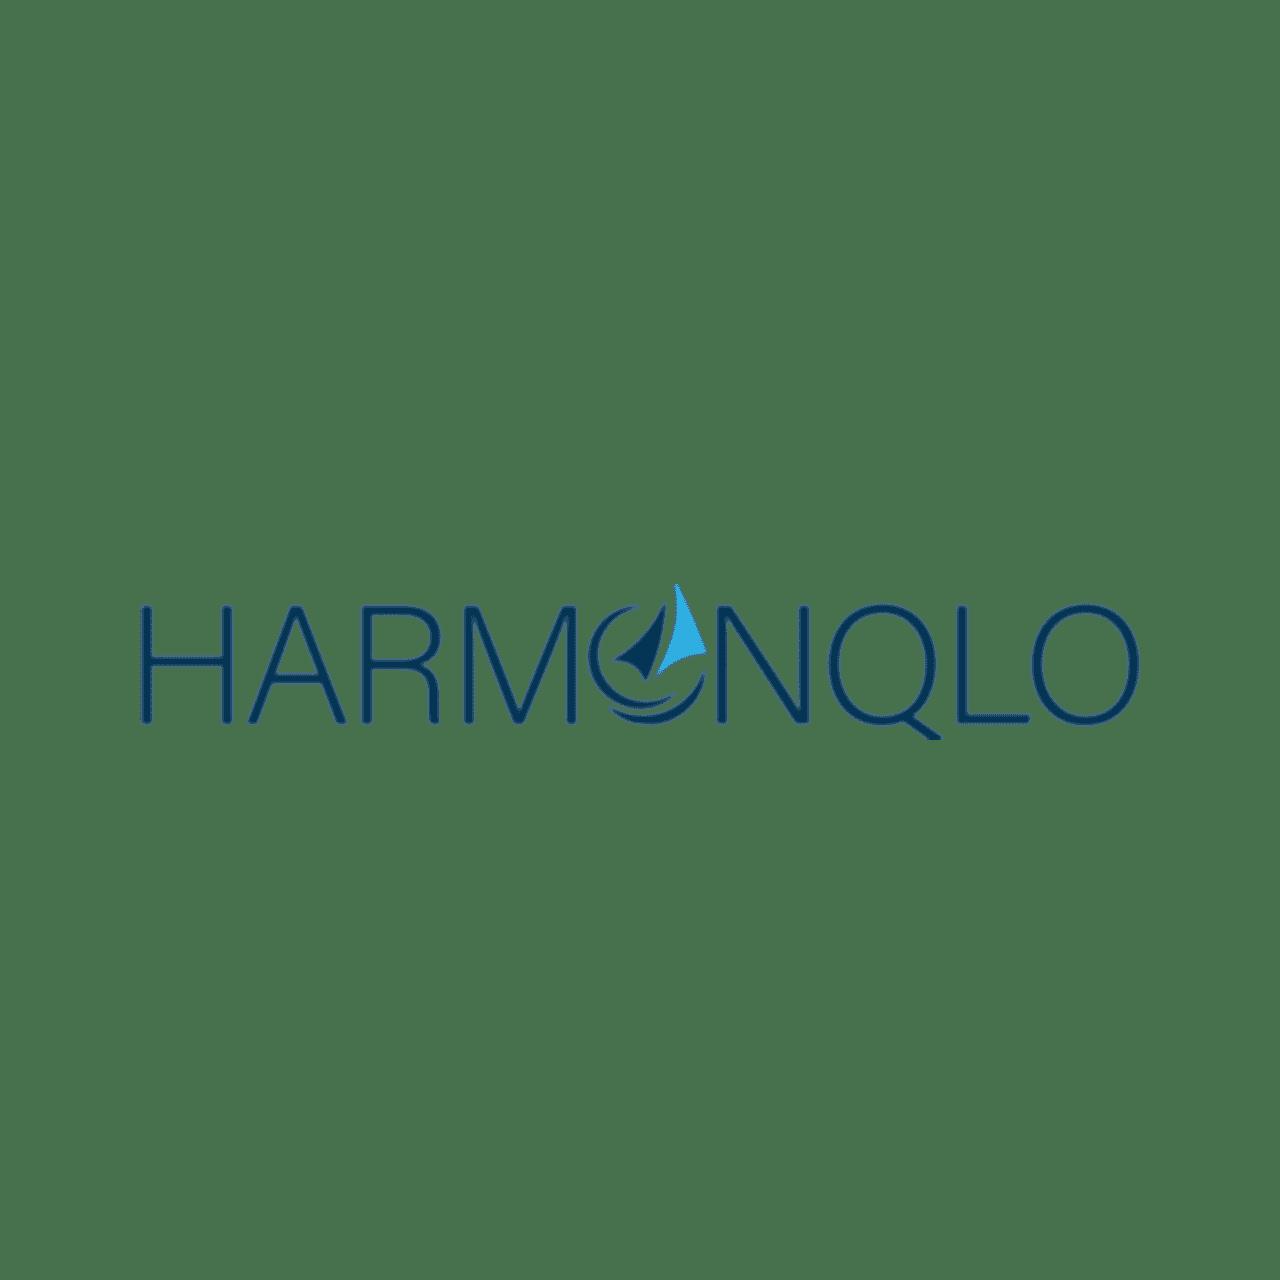 HARMONQLO